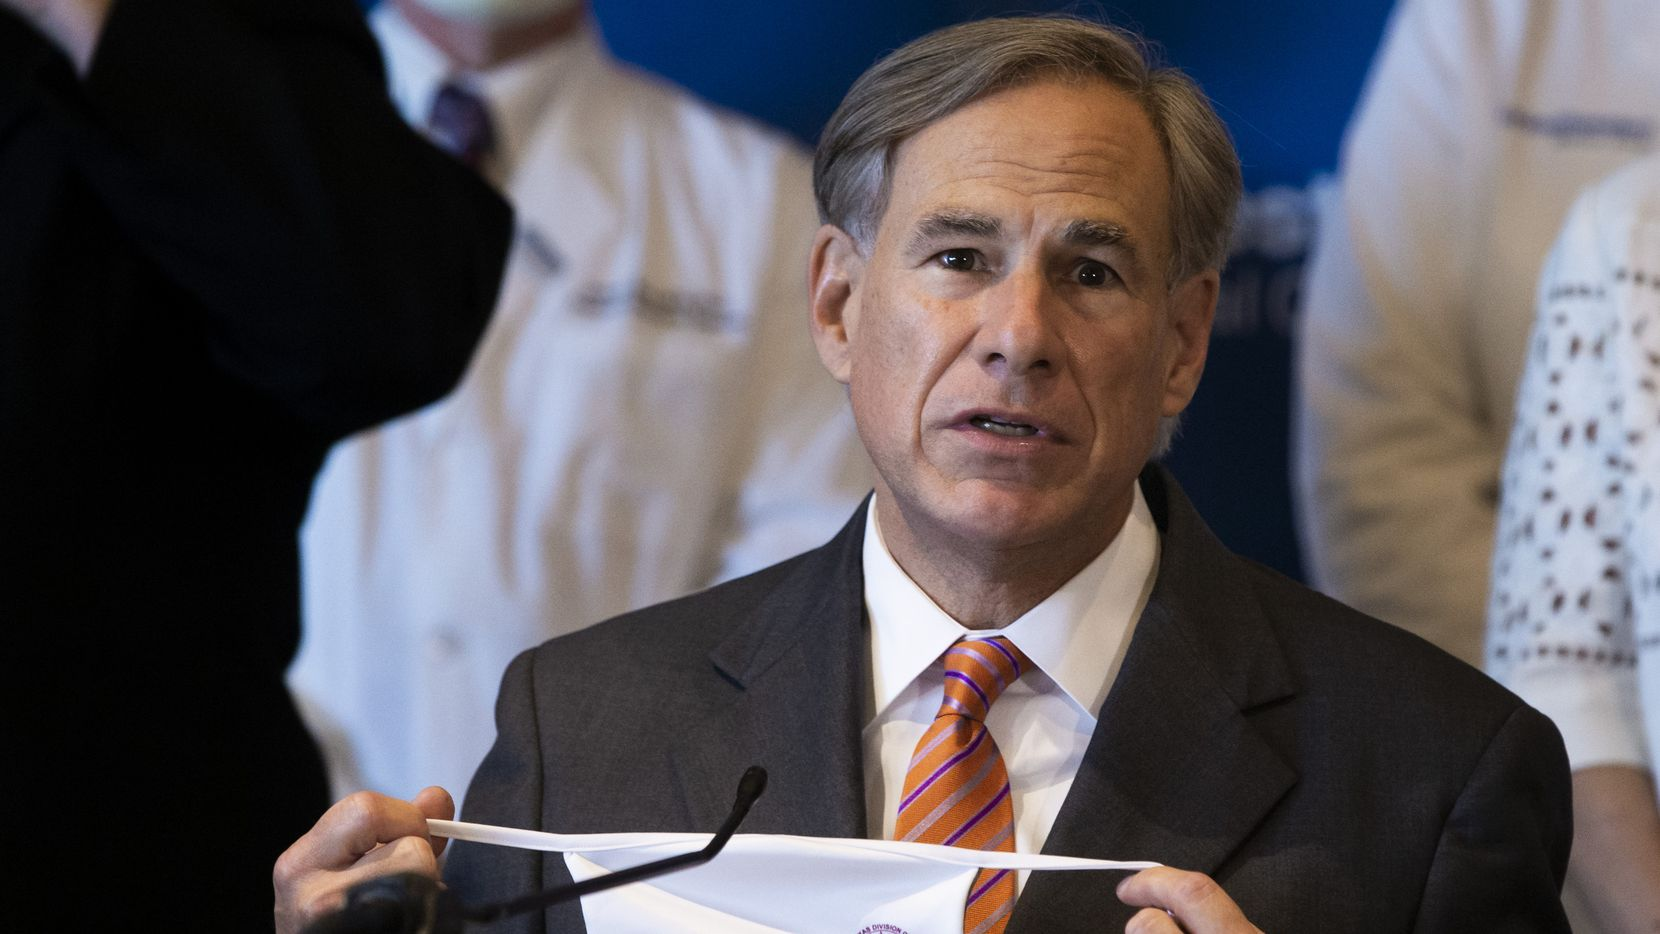 El gobernador de Texas Greg Abbott quería eliminar el mandato de las mascarillas en febrero, pero la tormenta invernal cambió sus planes.